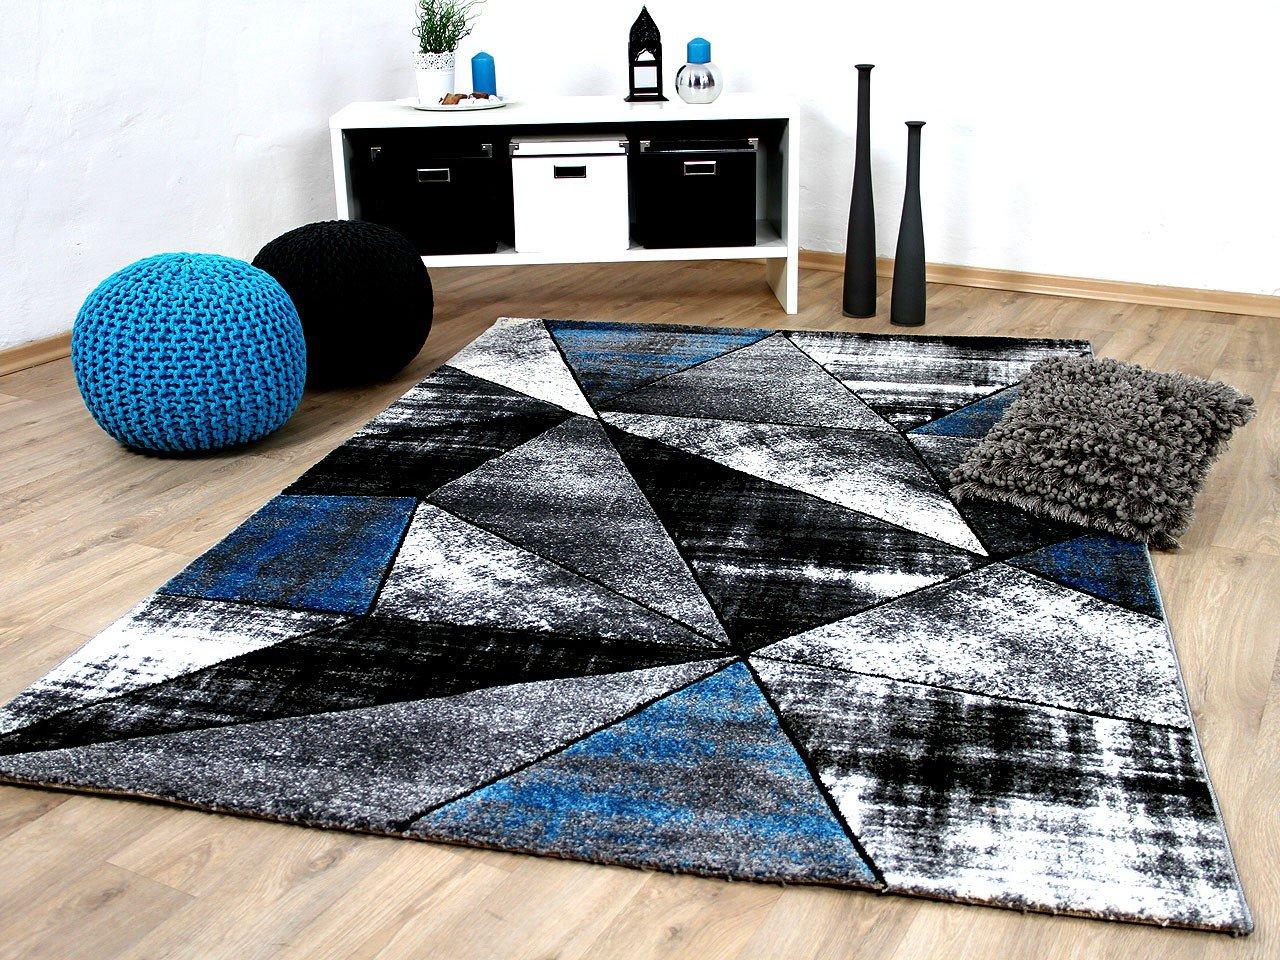 Designer Teppich Brilliant Grau Türkis Magic in 5 Größen